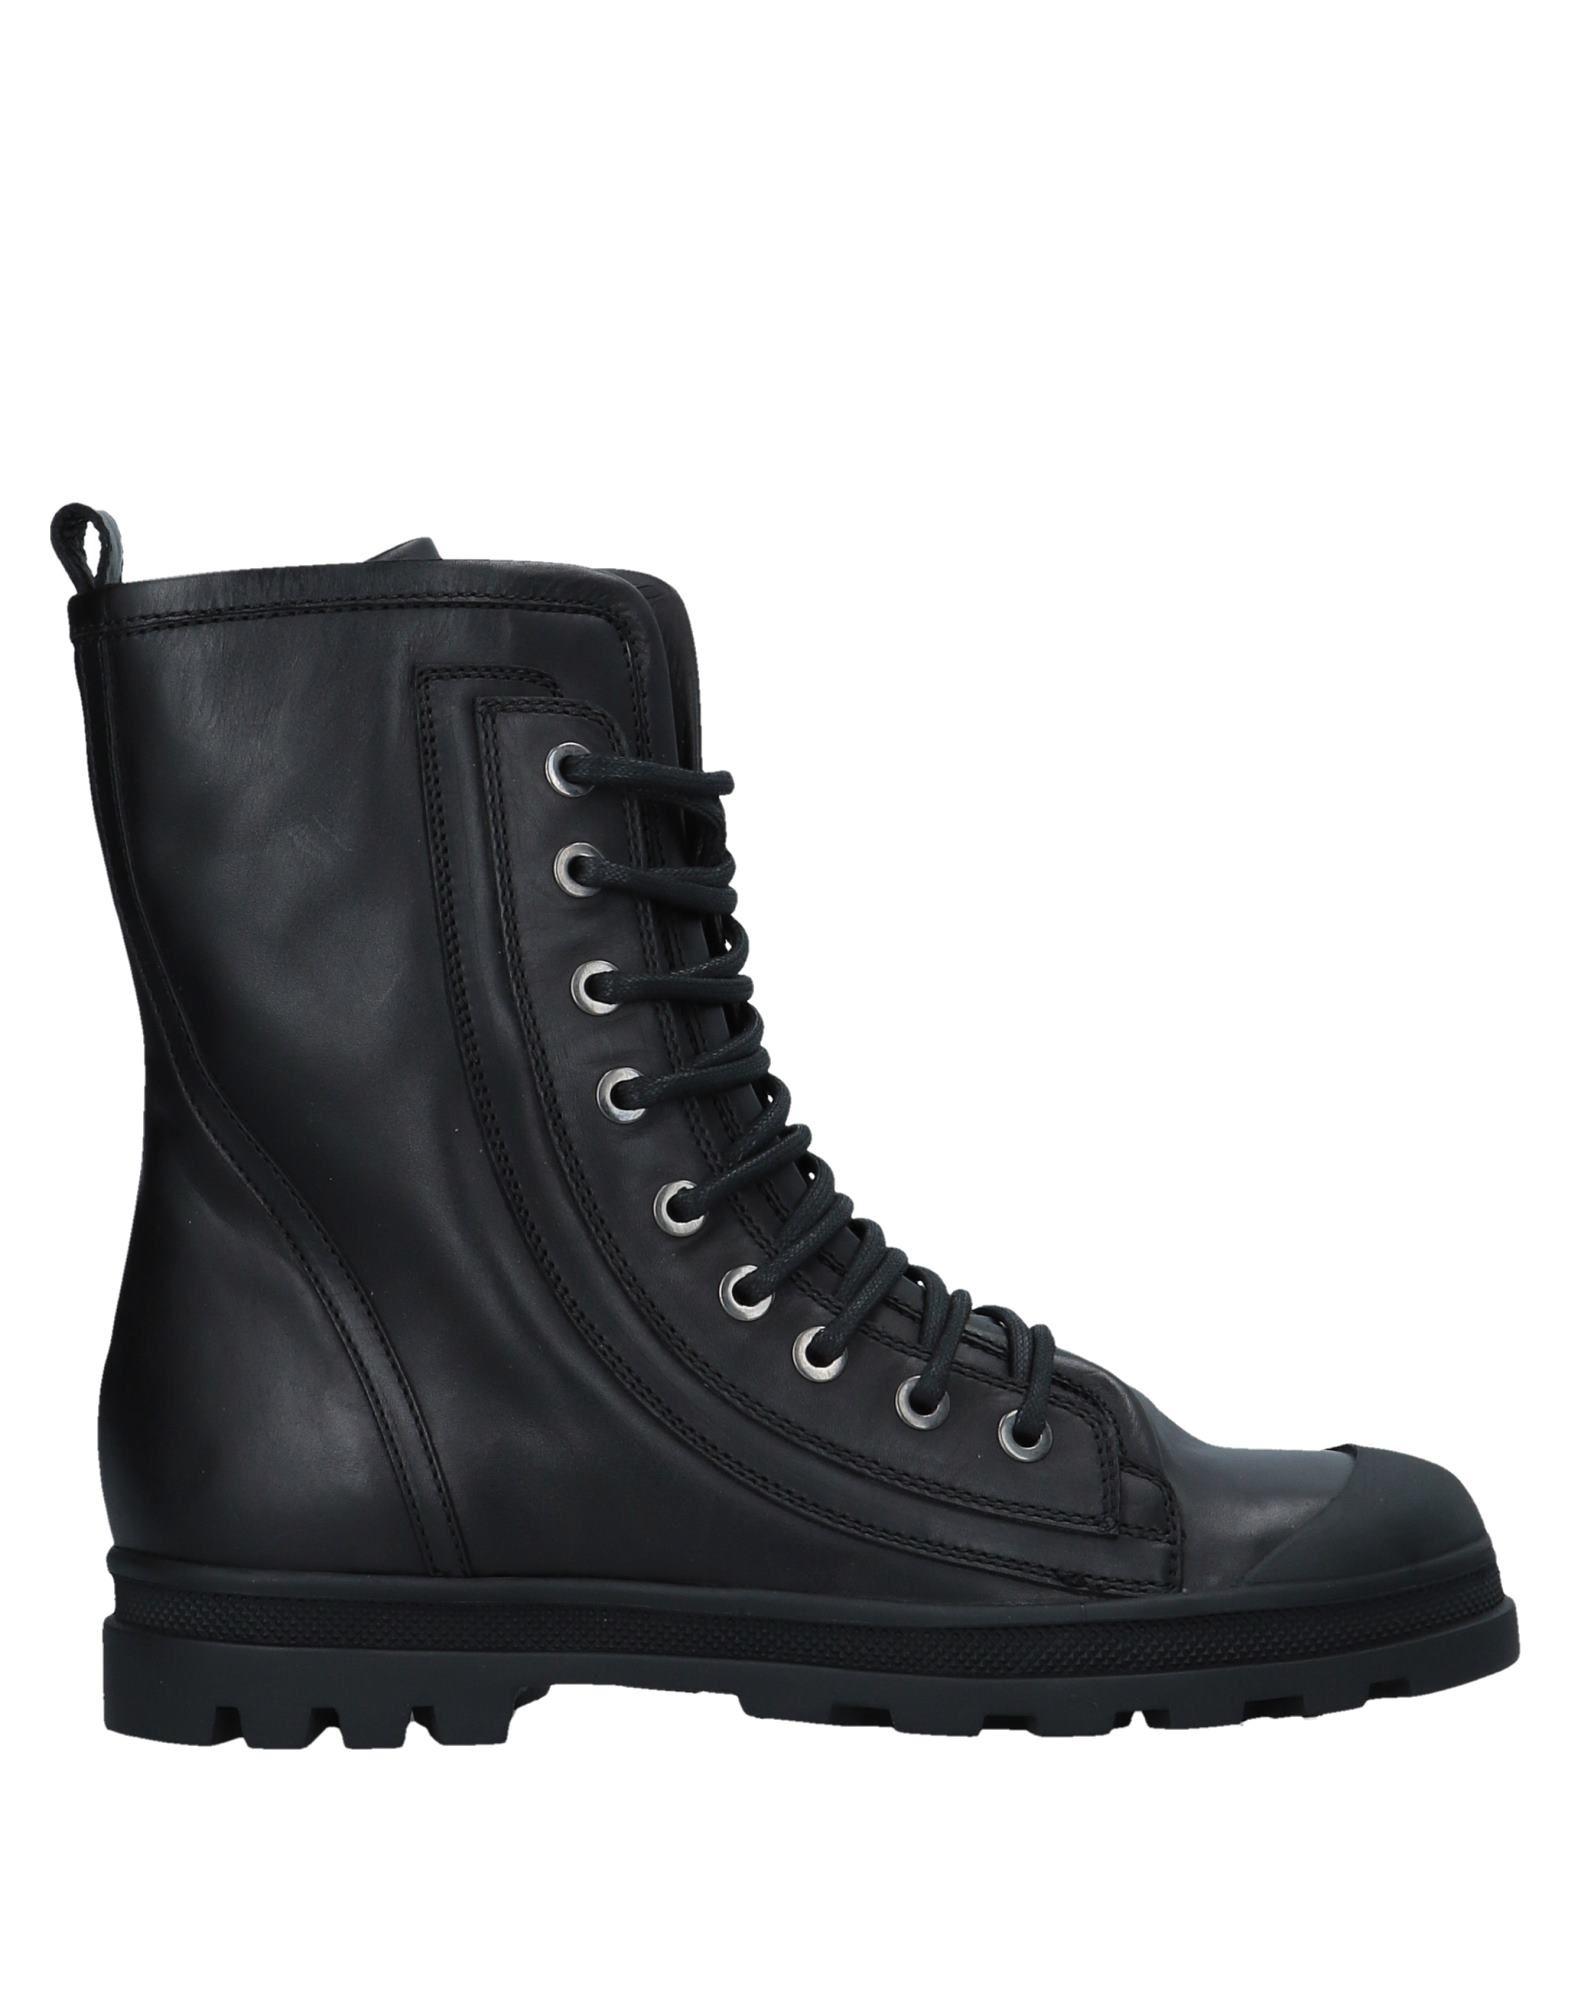 Diesel Black Gold Qualität Stiefelette Herren  11533097HE Gute Qualität Gold beliebte Schuhe 1d63e1